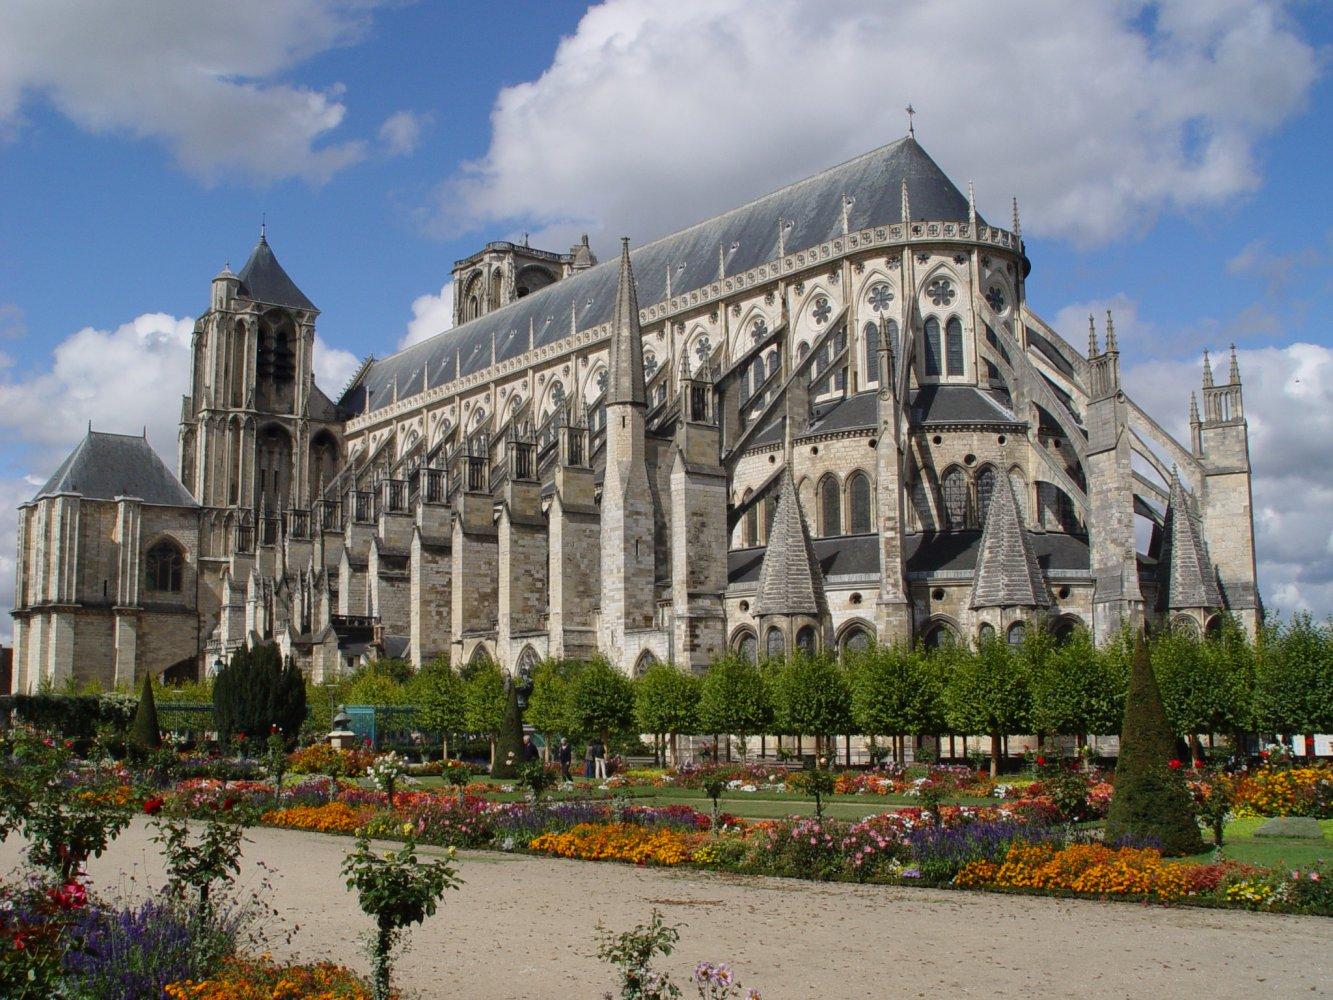 Фото Буржский собор. Франция, Центр, Бурж, Rue des 3 Maillets, 6